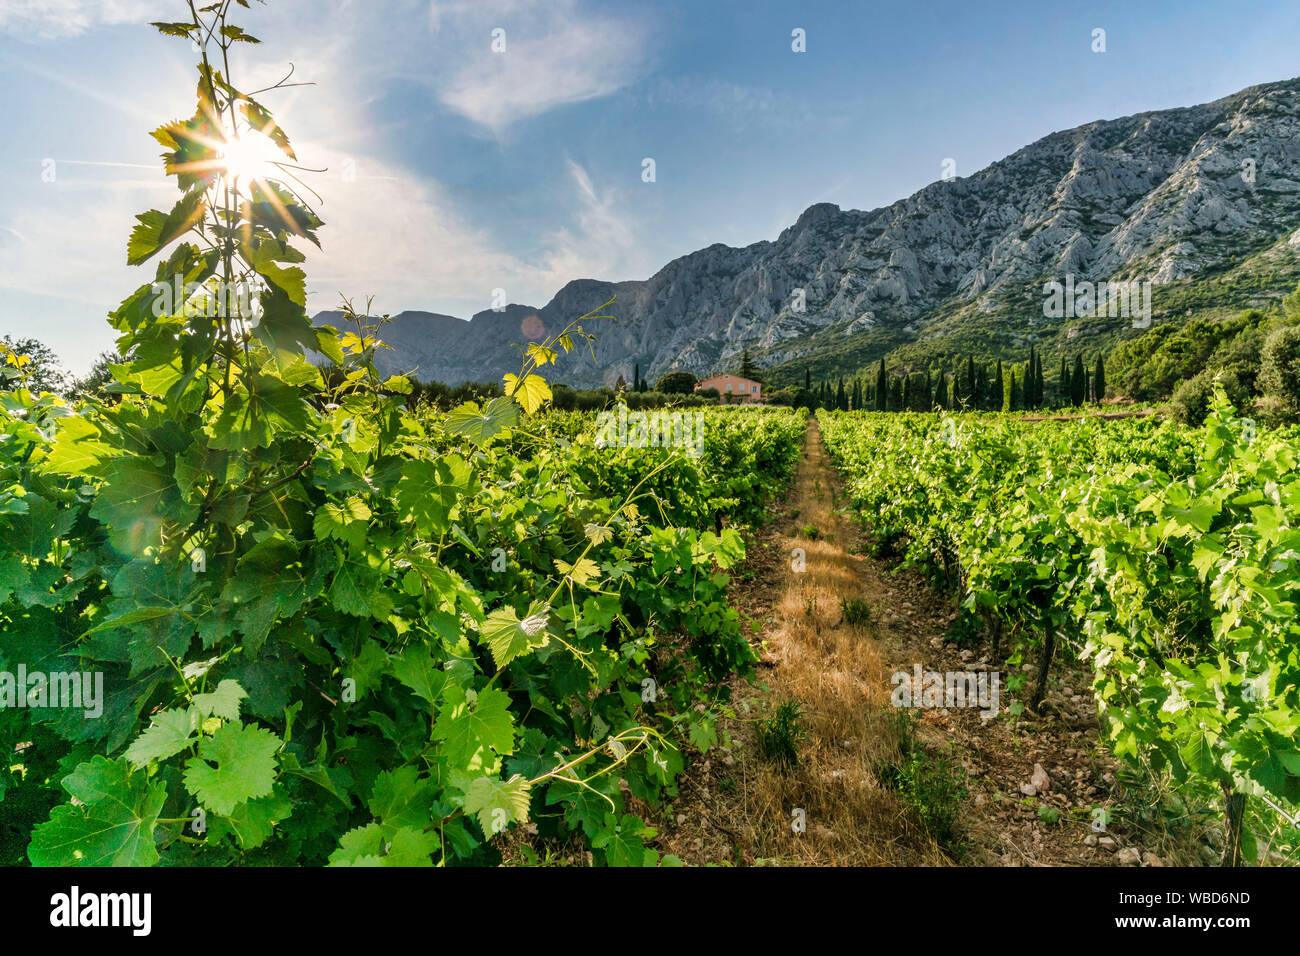 Vineyards Domaine de Saint Ser, Route Cezanne, Montagne Sainte-Victoire, Provence,  Bouches-du-Rhône, france Stock Photo